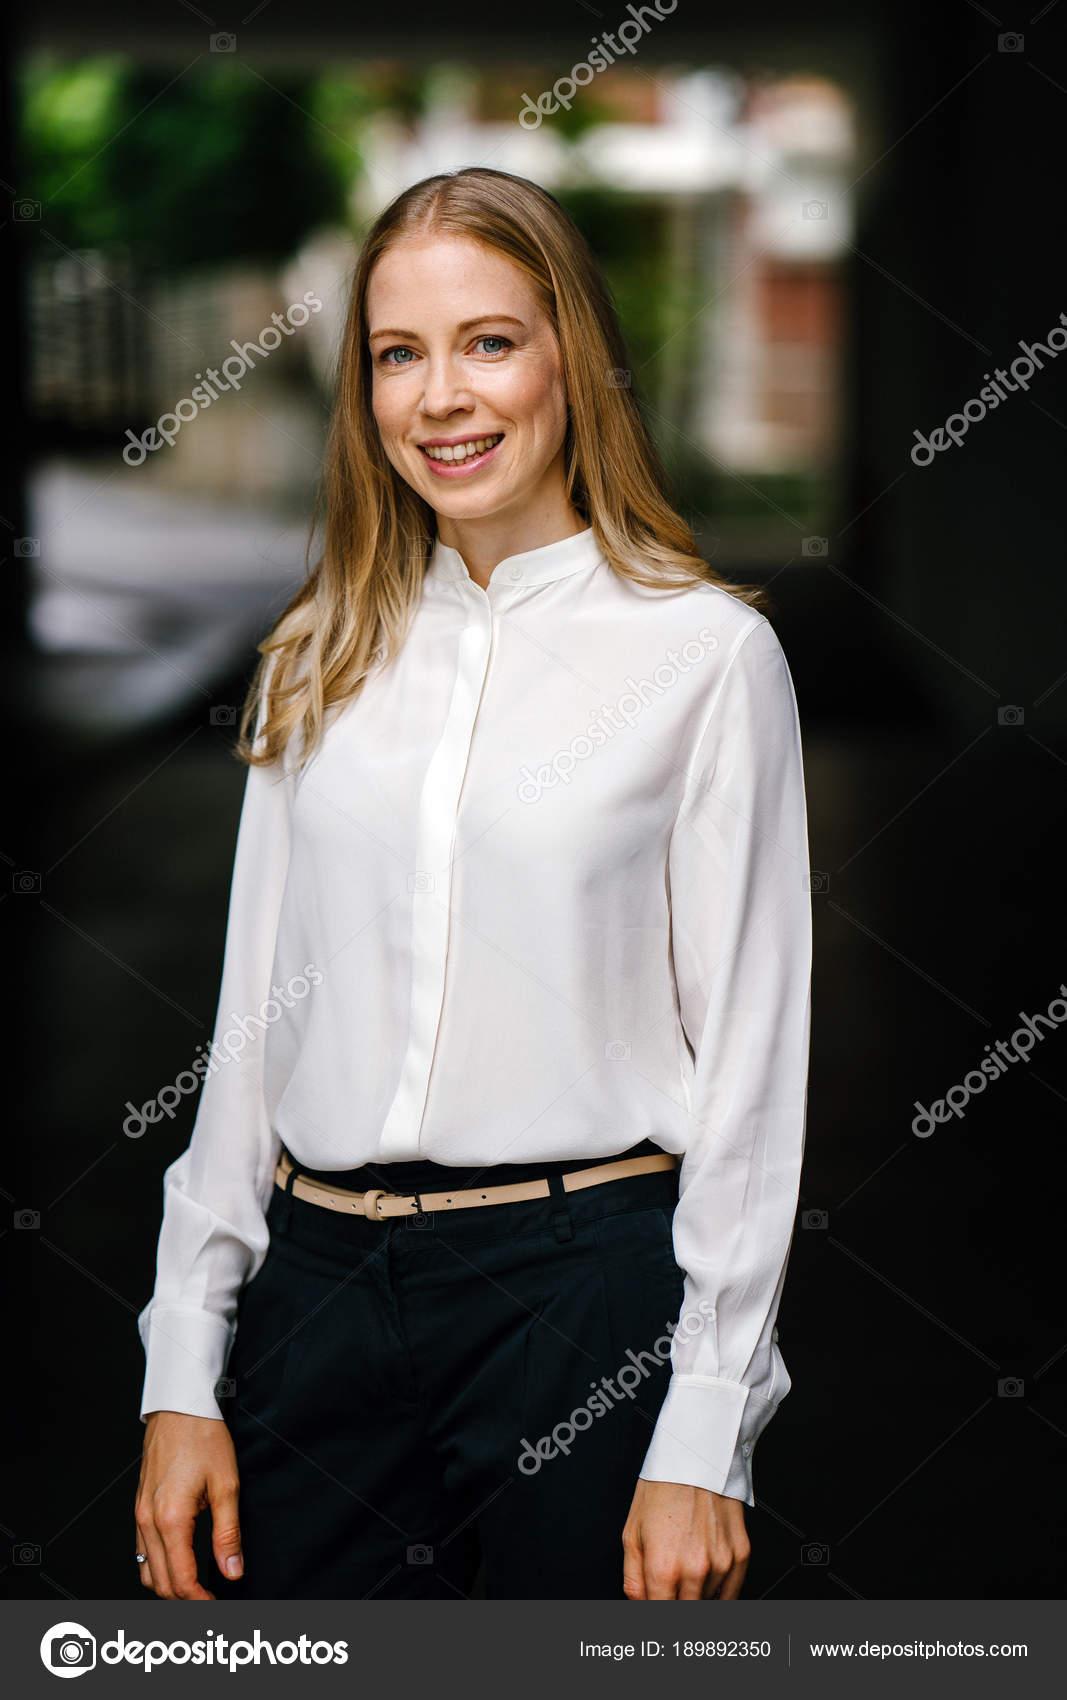 Ritratto Attraente Matura Professionale Donna Caucasica Che Espatriato Asia  Lei — Foto Stock bd9d6c4c89ae